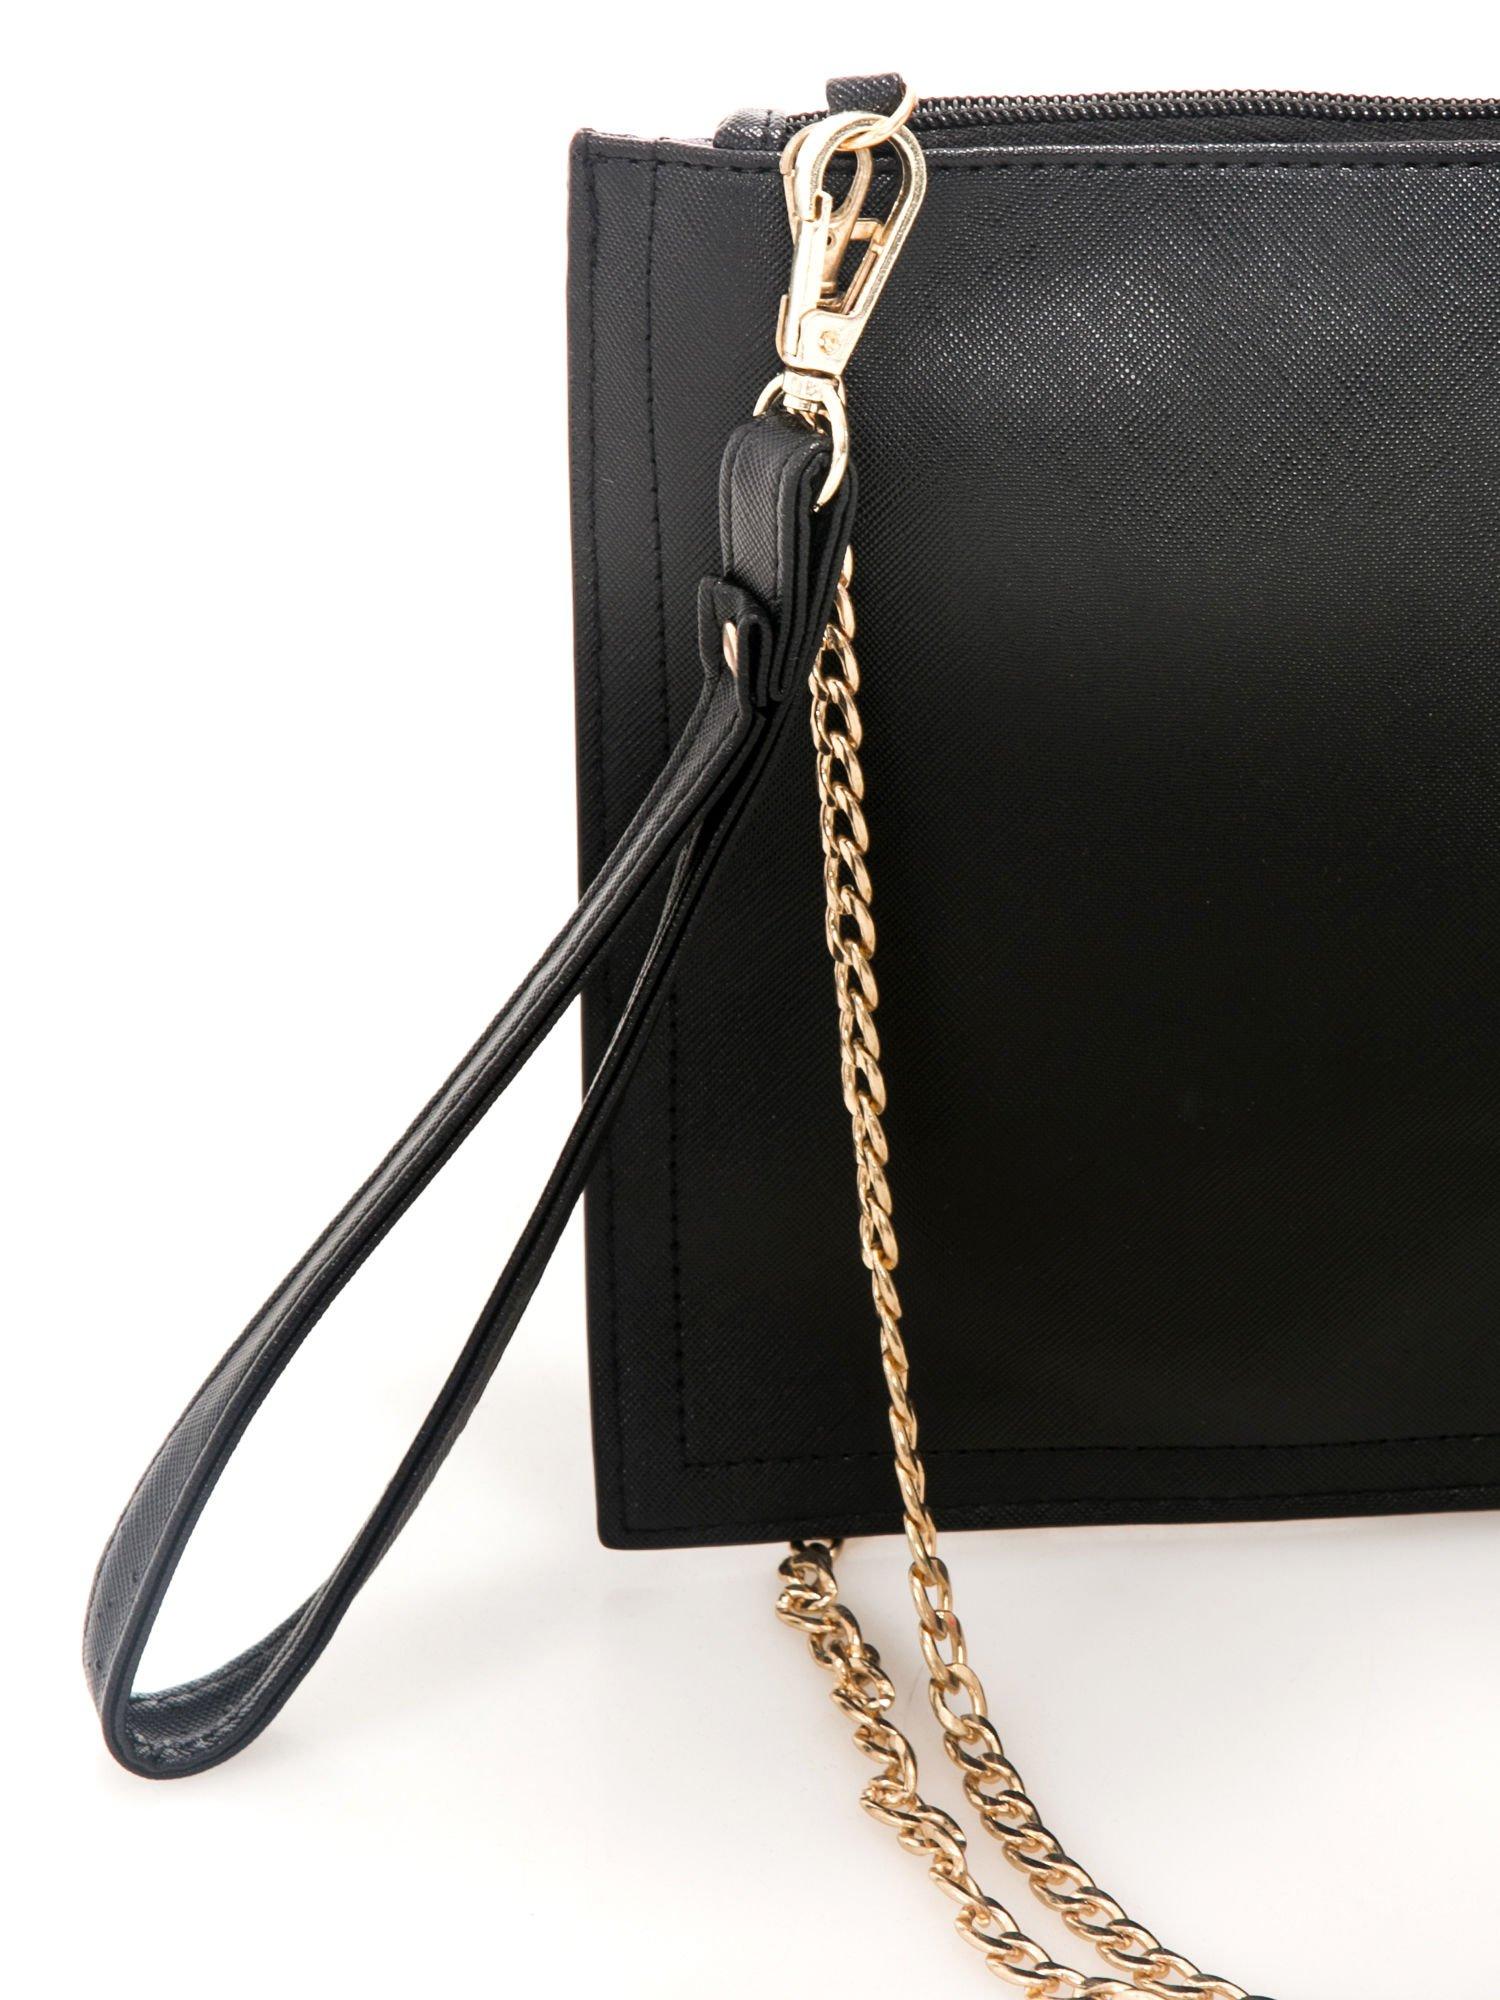 Czarna kopertówka z nadrukiem Audrey Hepburn, frędzlami i złotym łańcuszkiem                                  zdj.                                  5